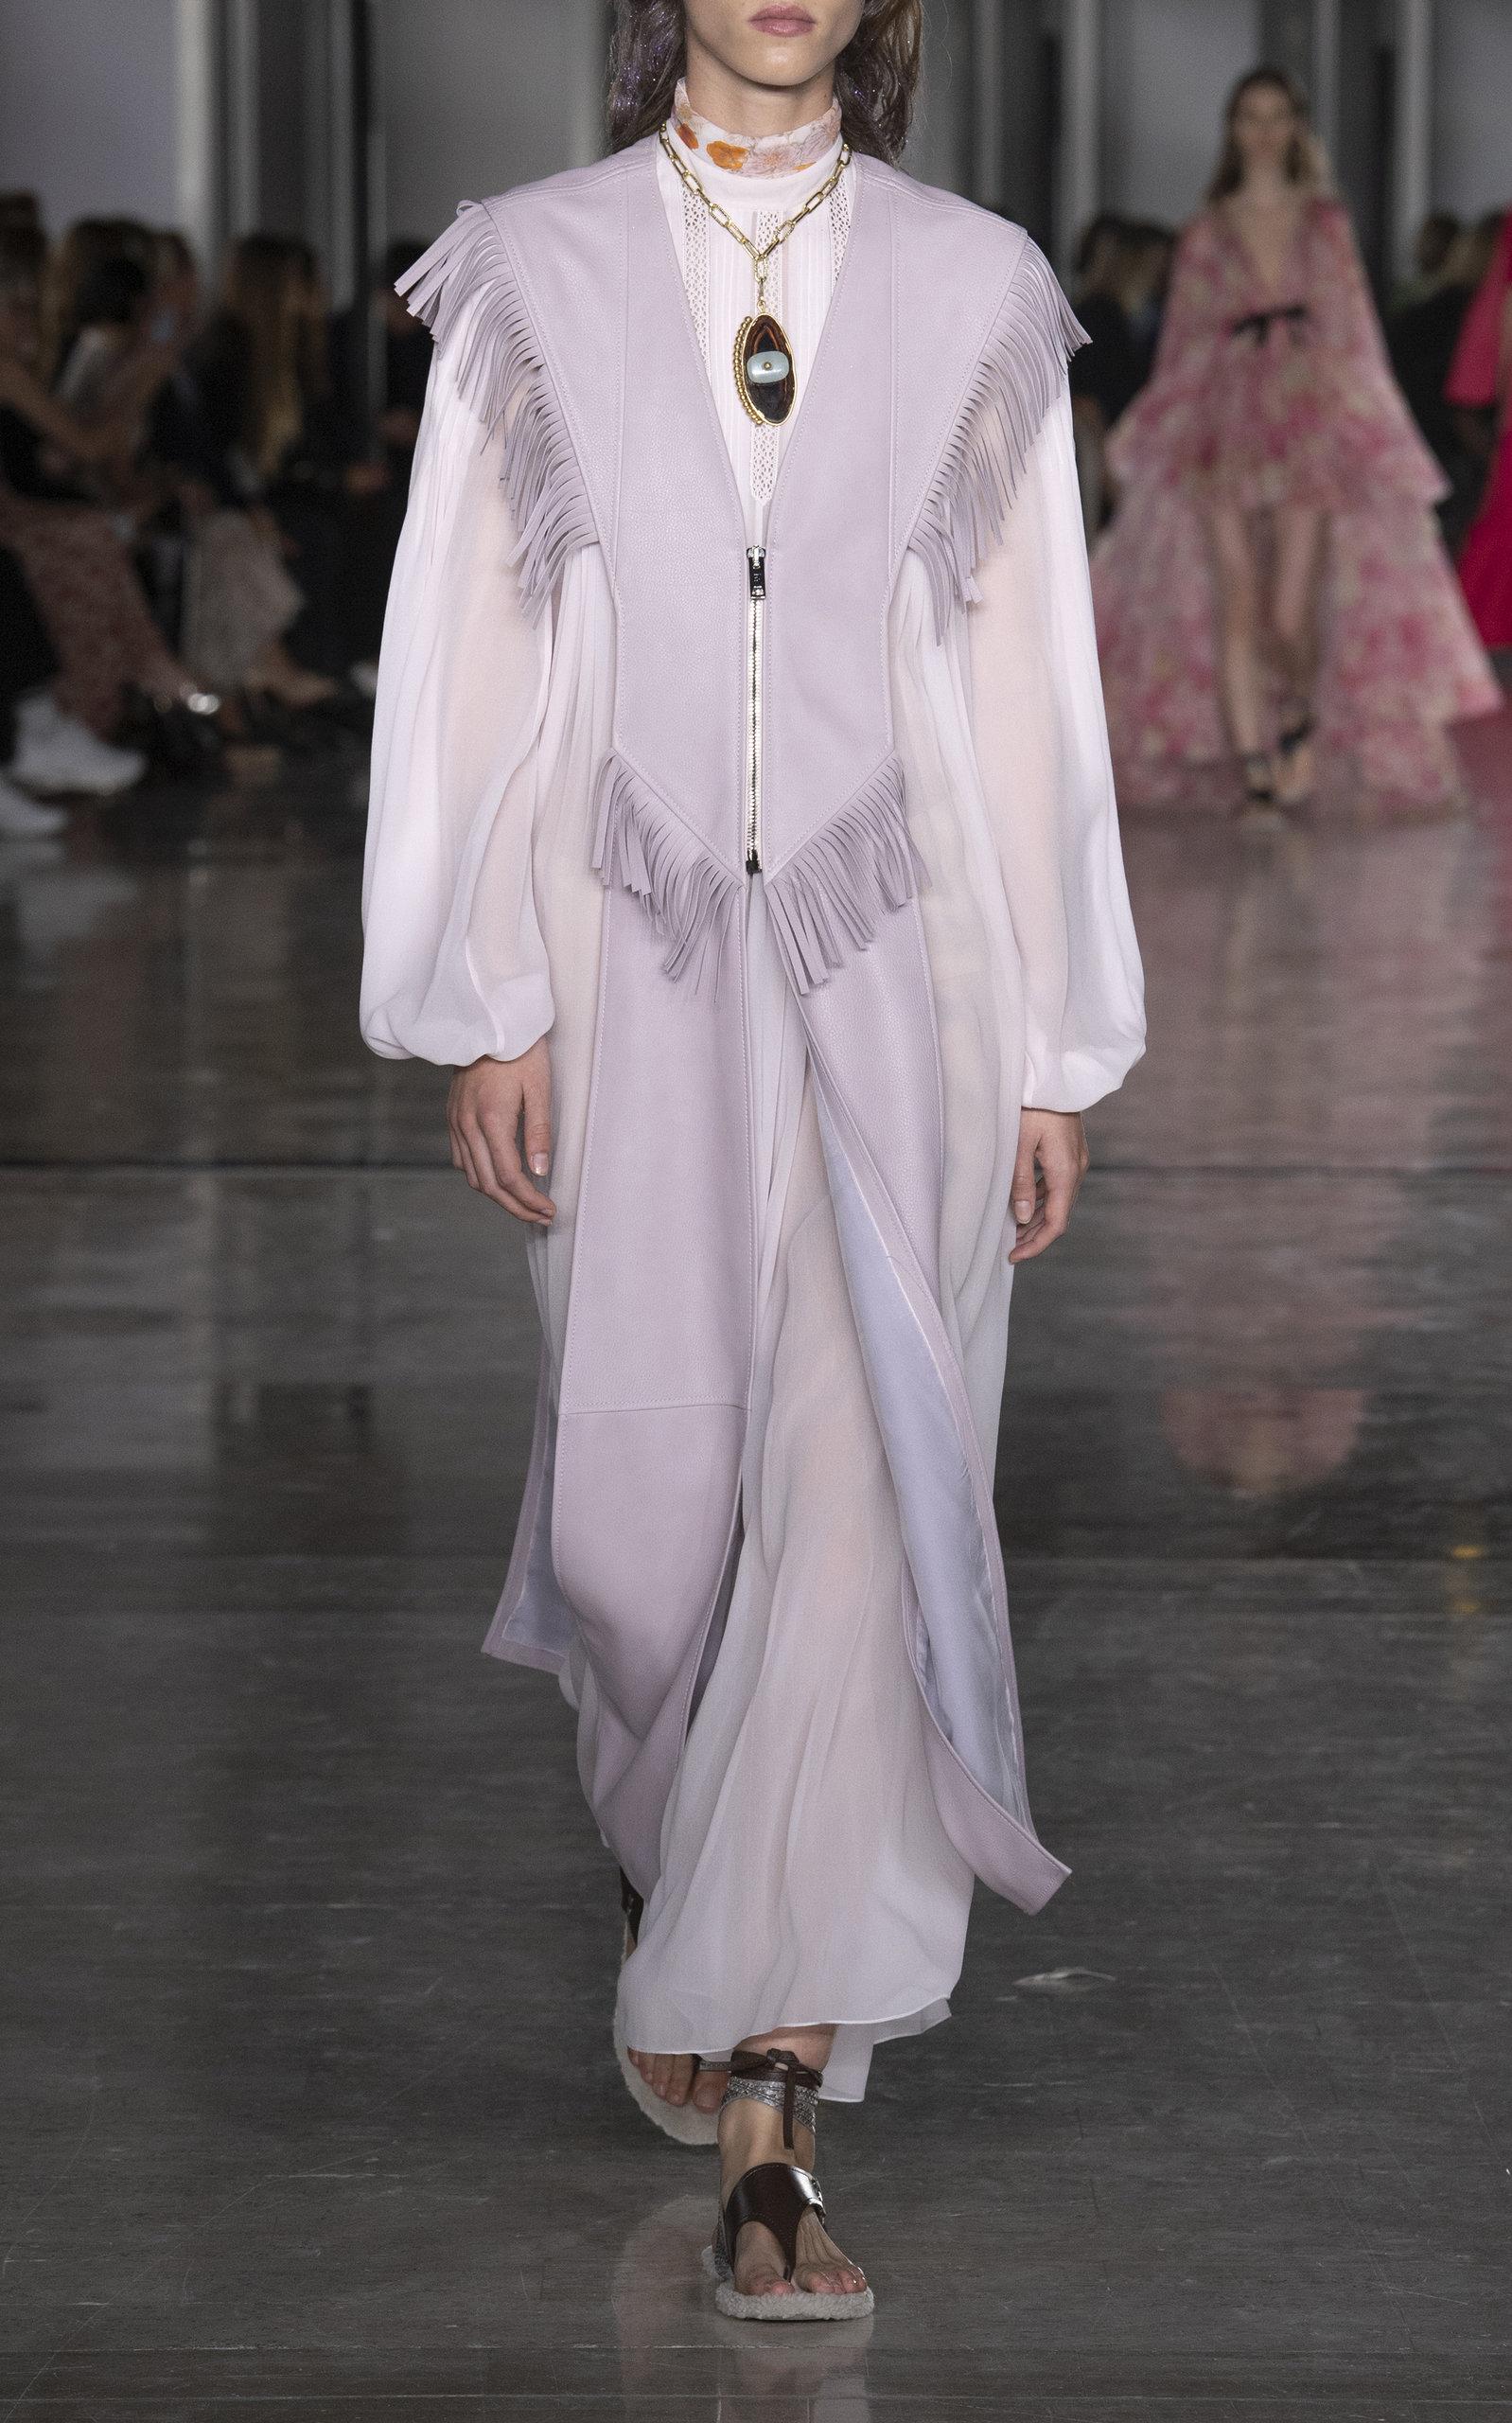 d84d35021590 Chiffon Mock Neck Shift Dress by Giambattista Valli | Moda Operandi